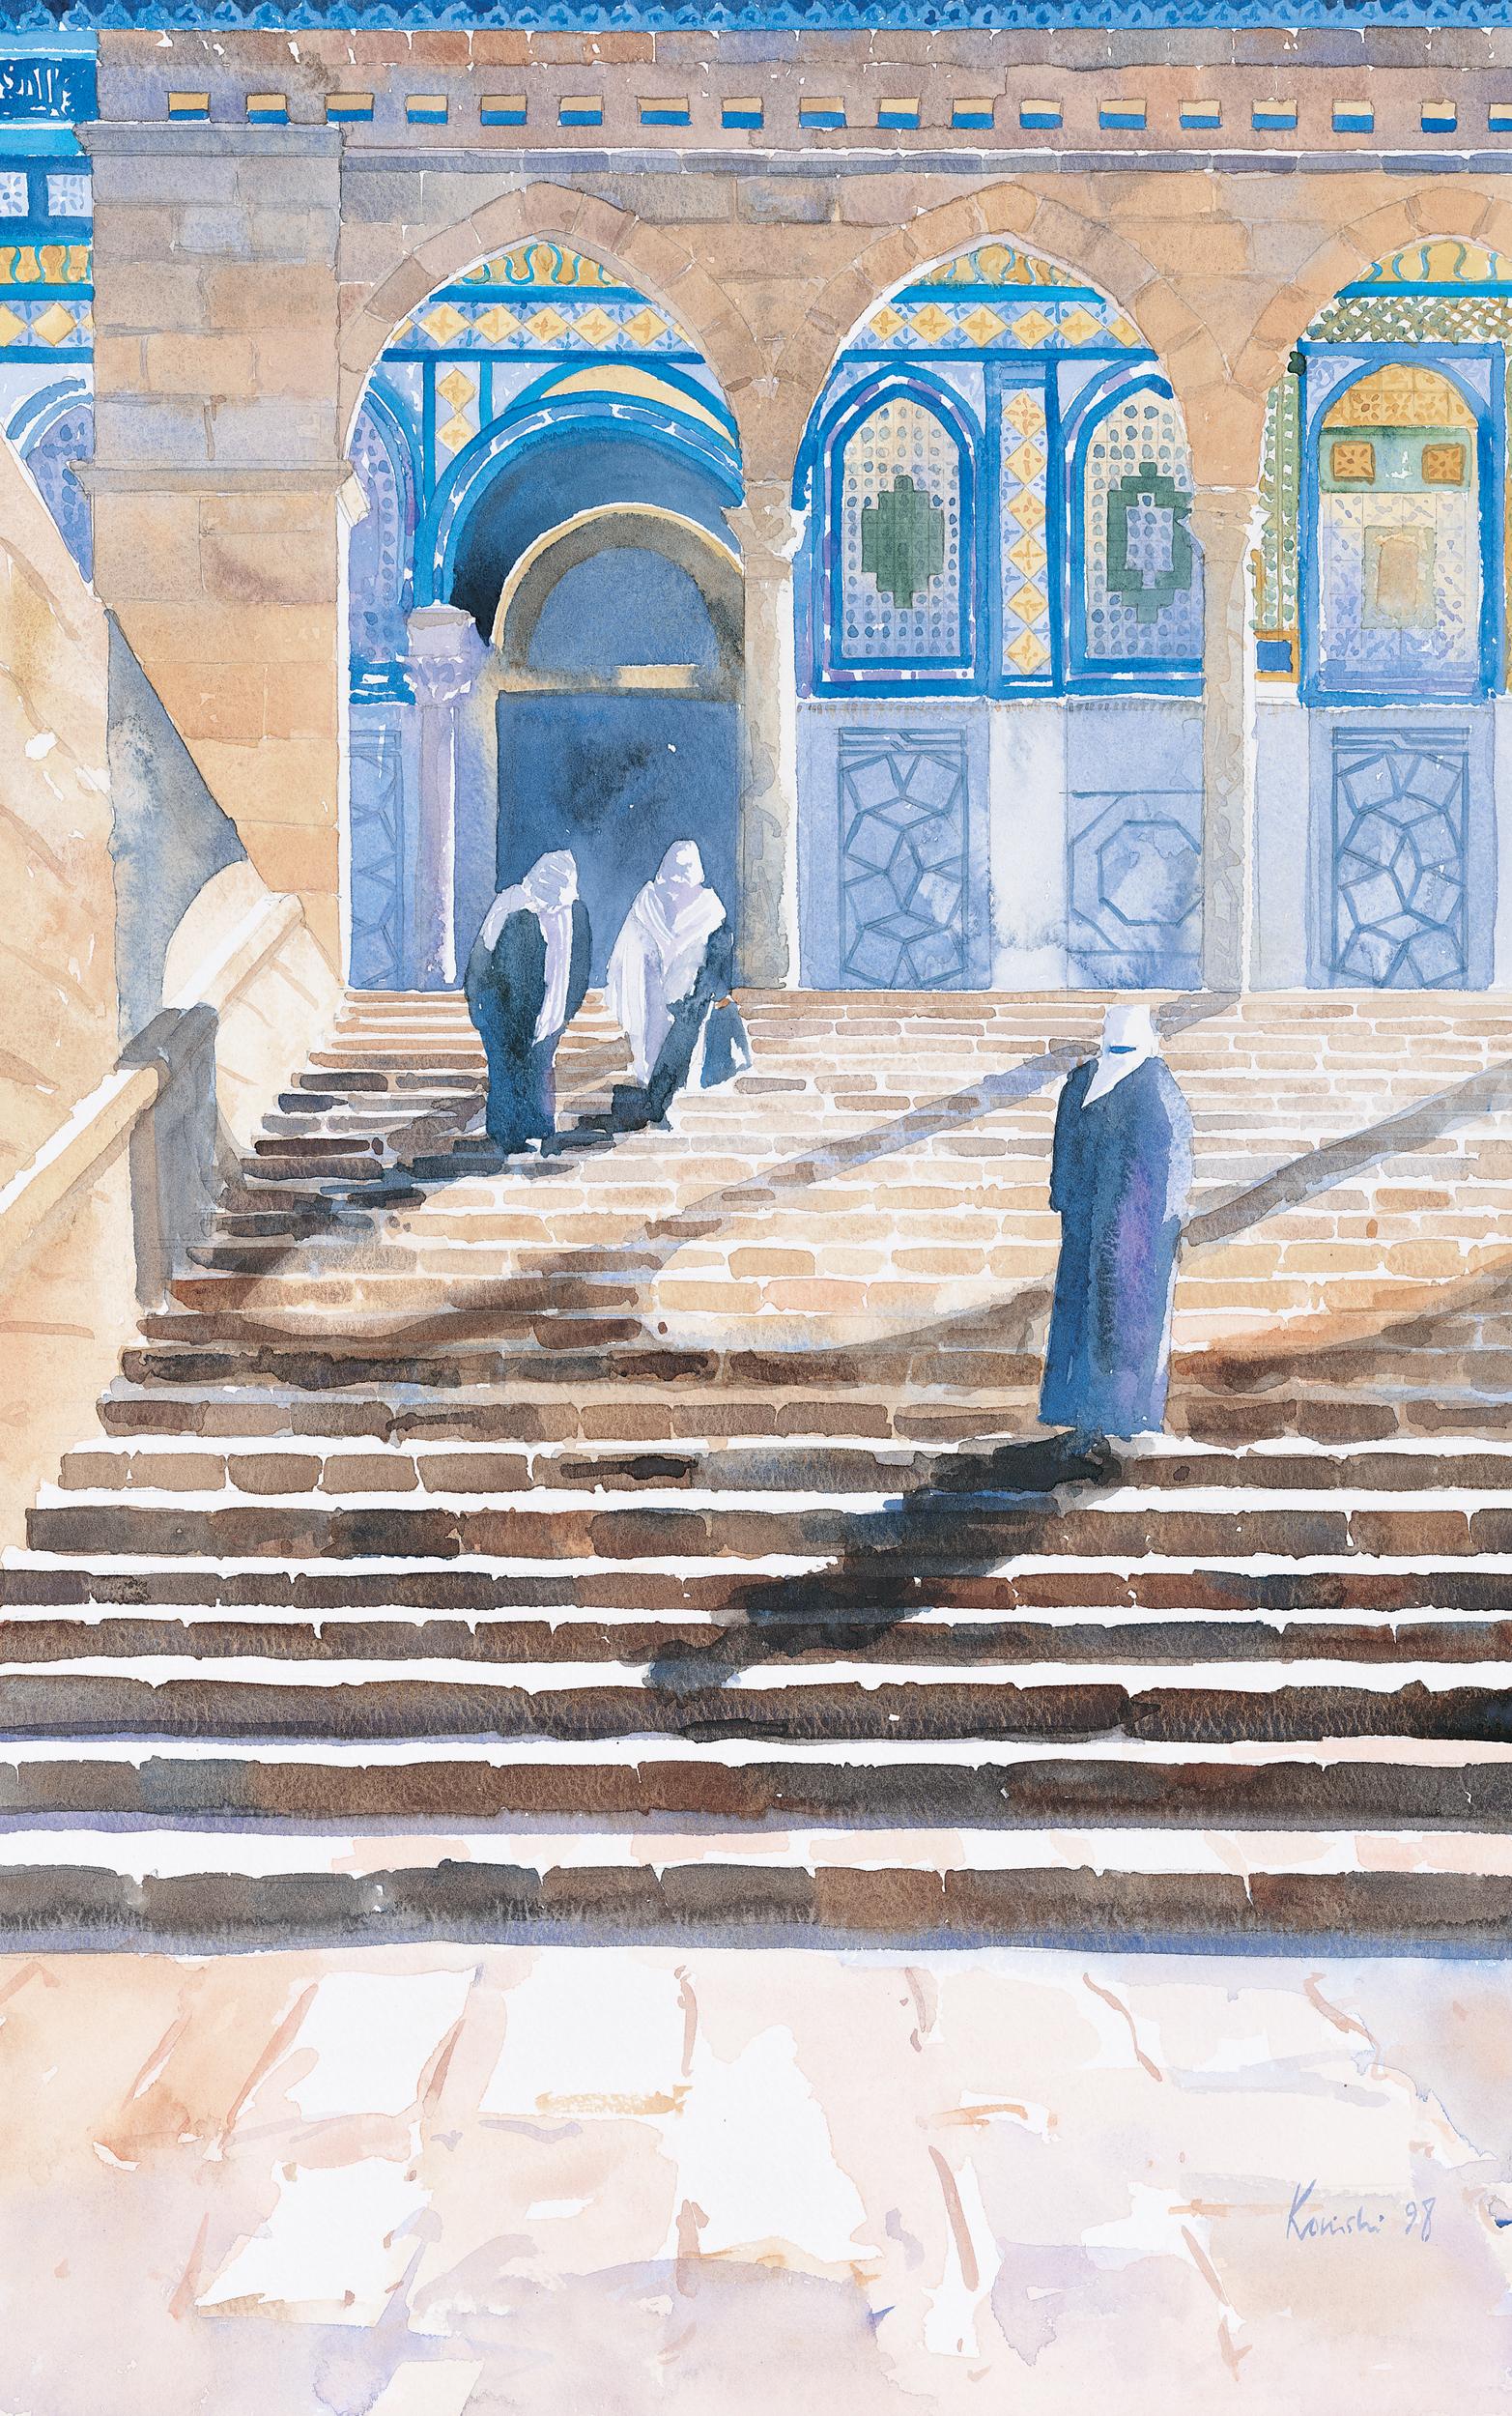 Steps on Haram-al Sharif